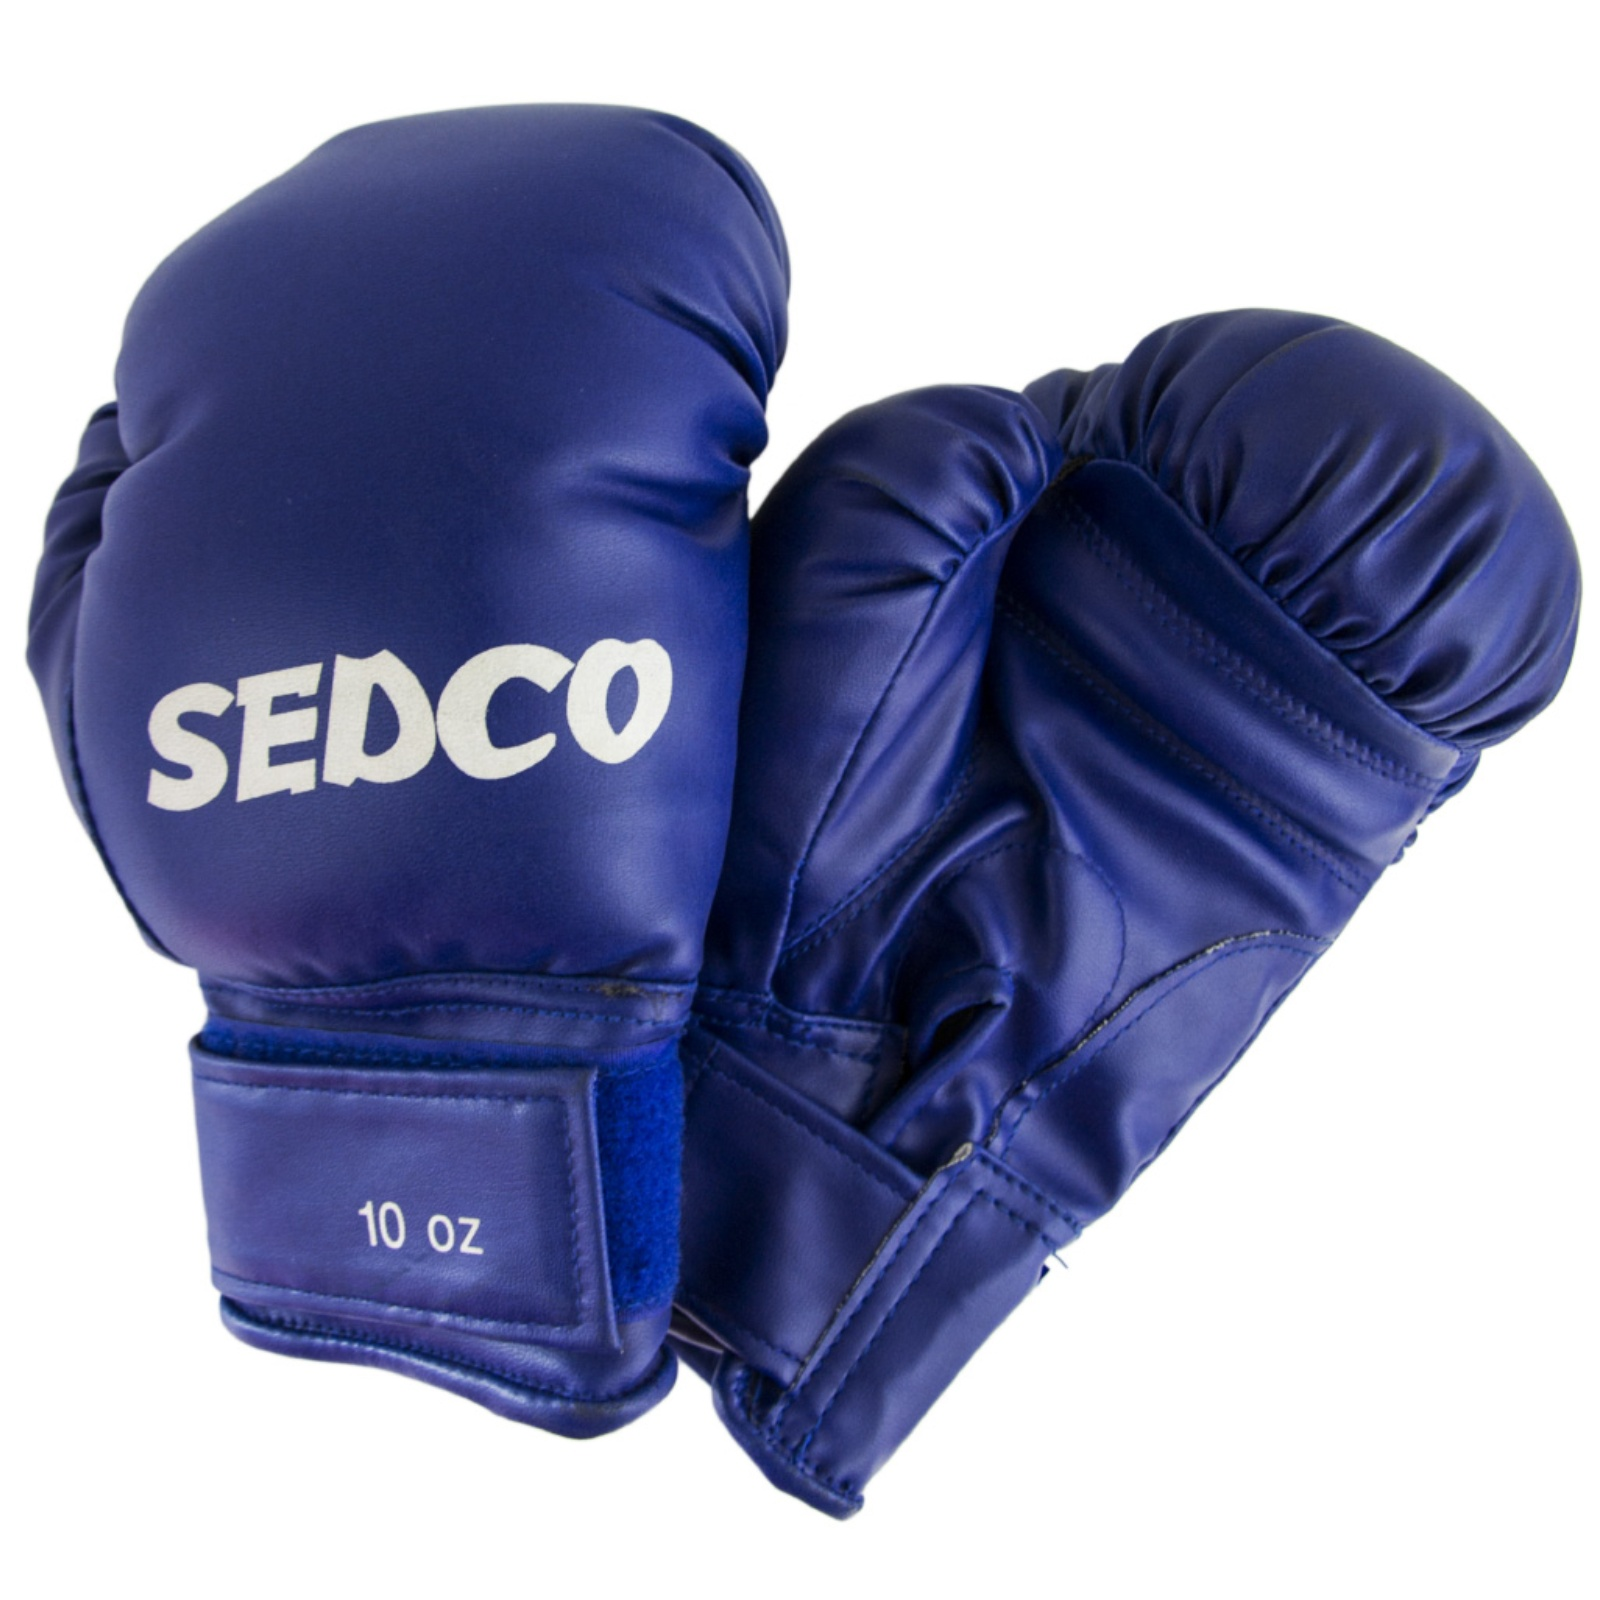 Boxovací rukavice TG 10oz